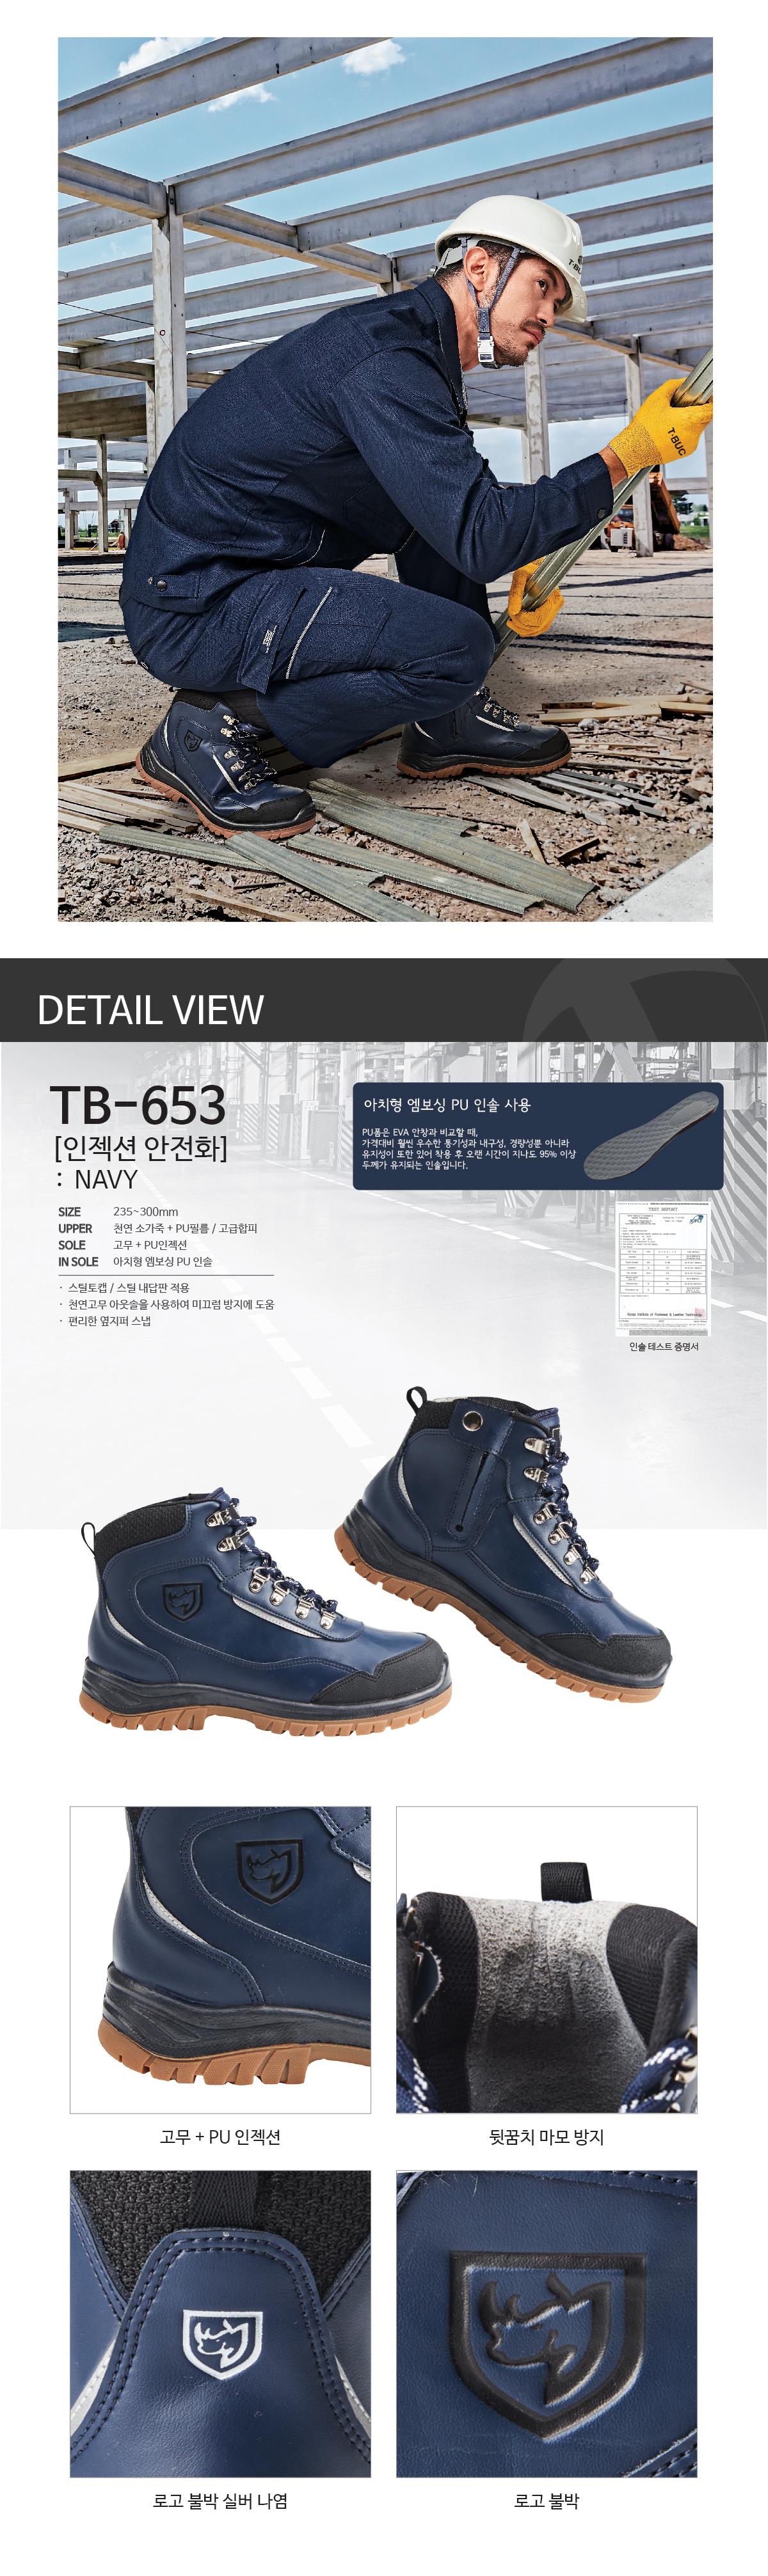 TB-653.jpg